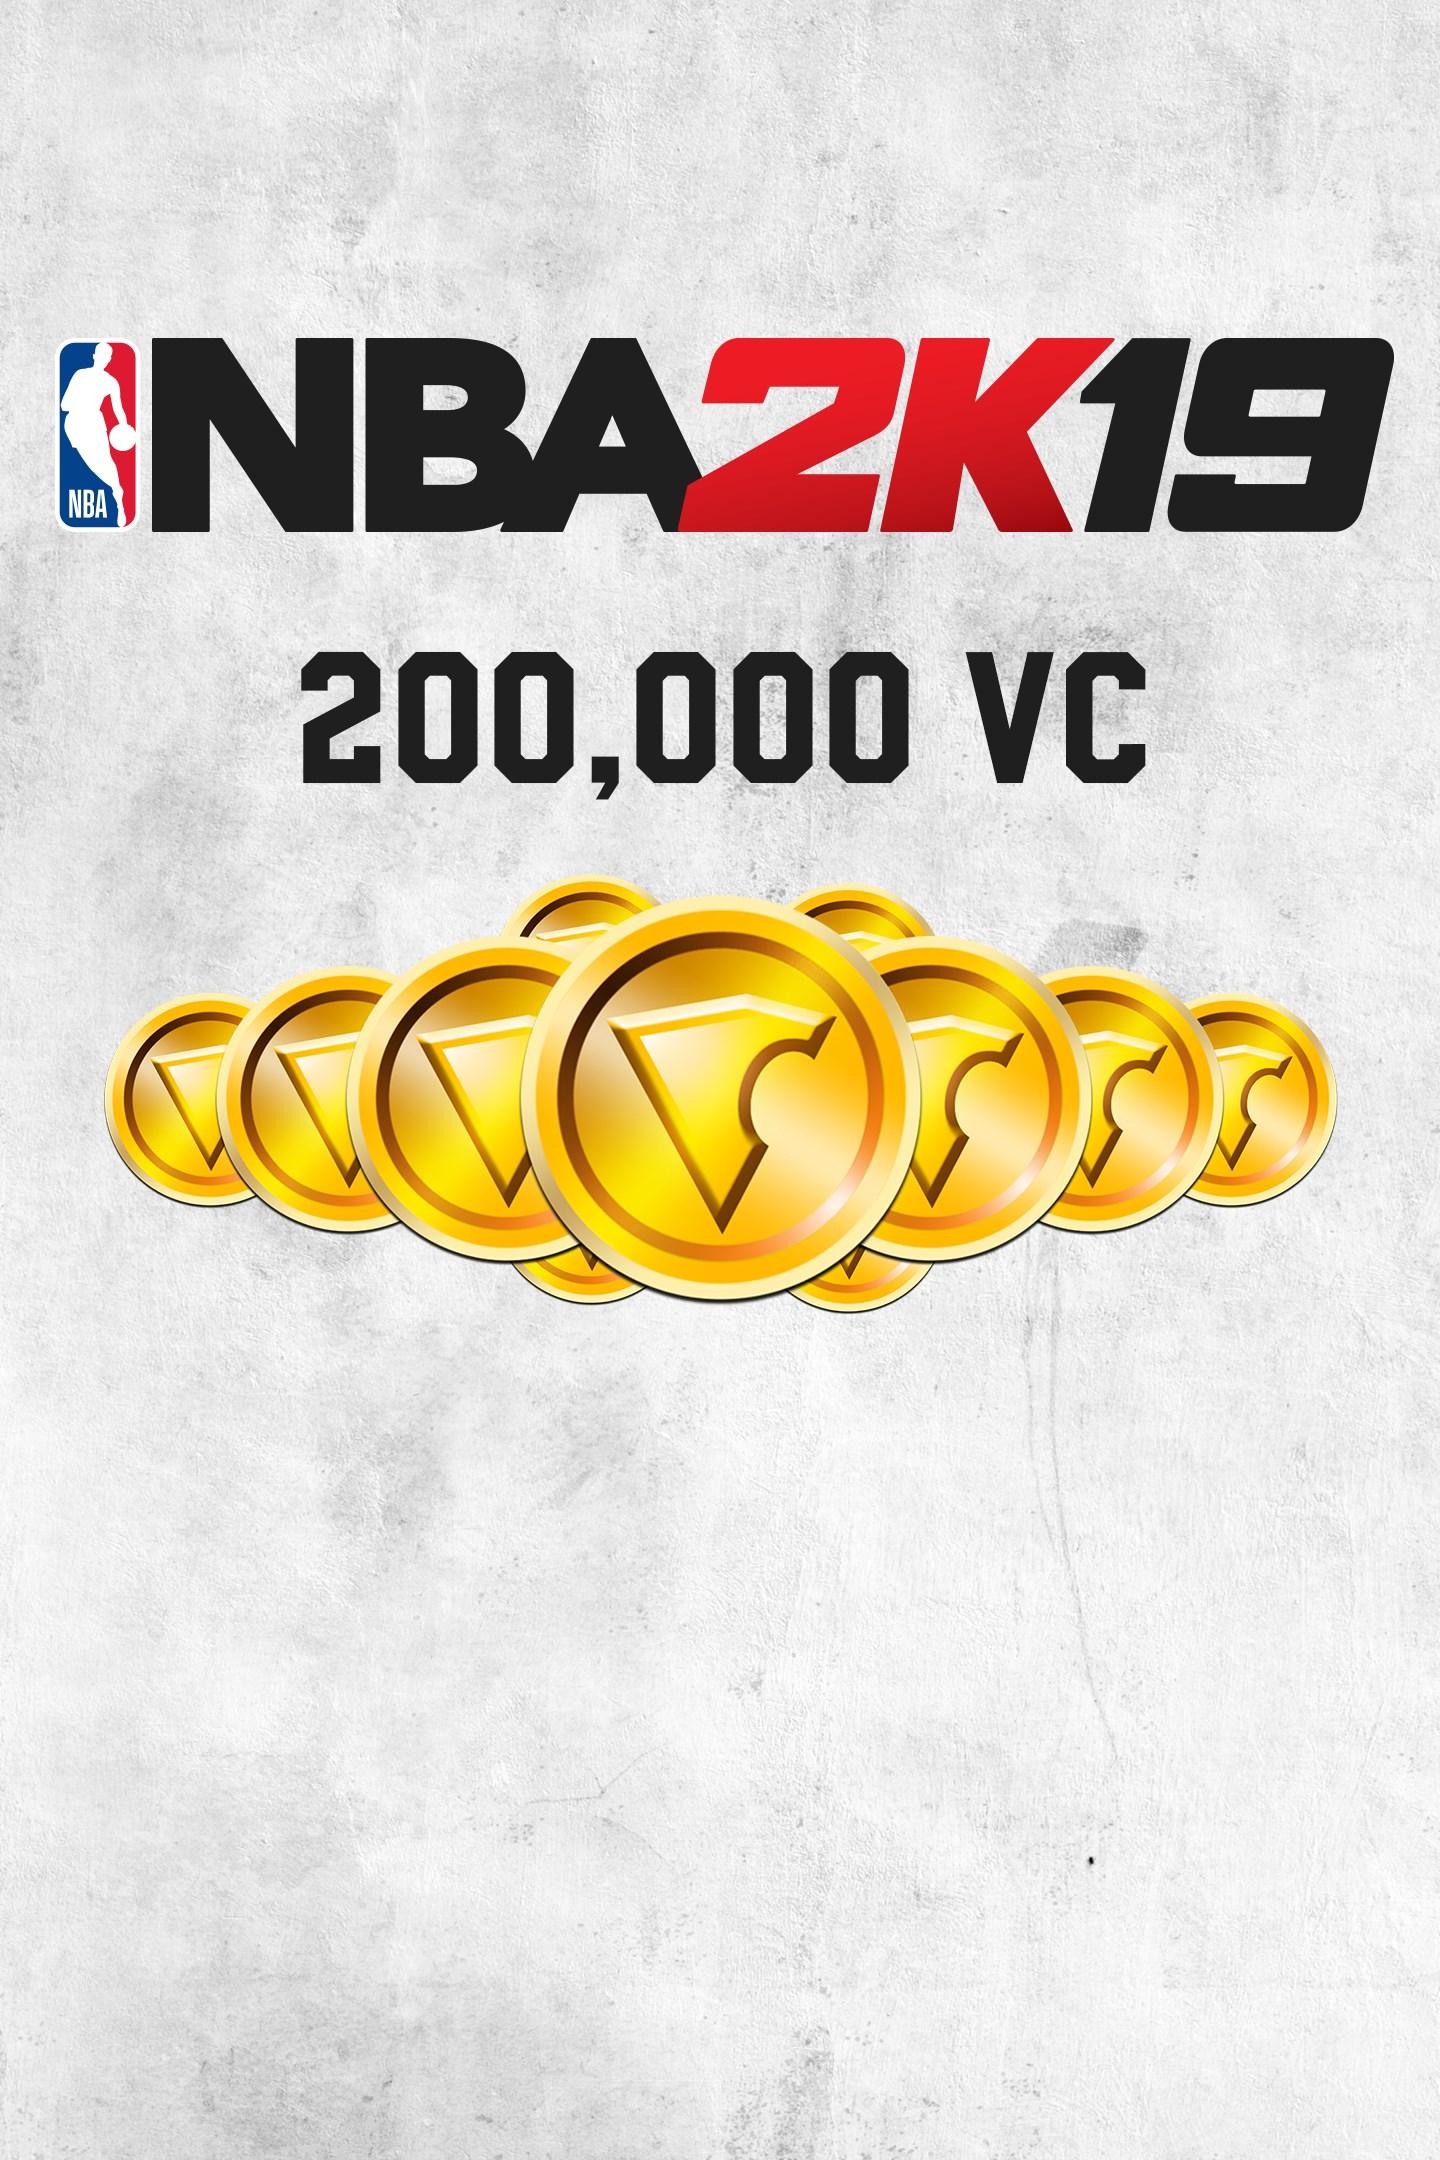 Buy NBA 2K19 200,000 VC - Microsoft Store